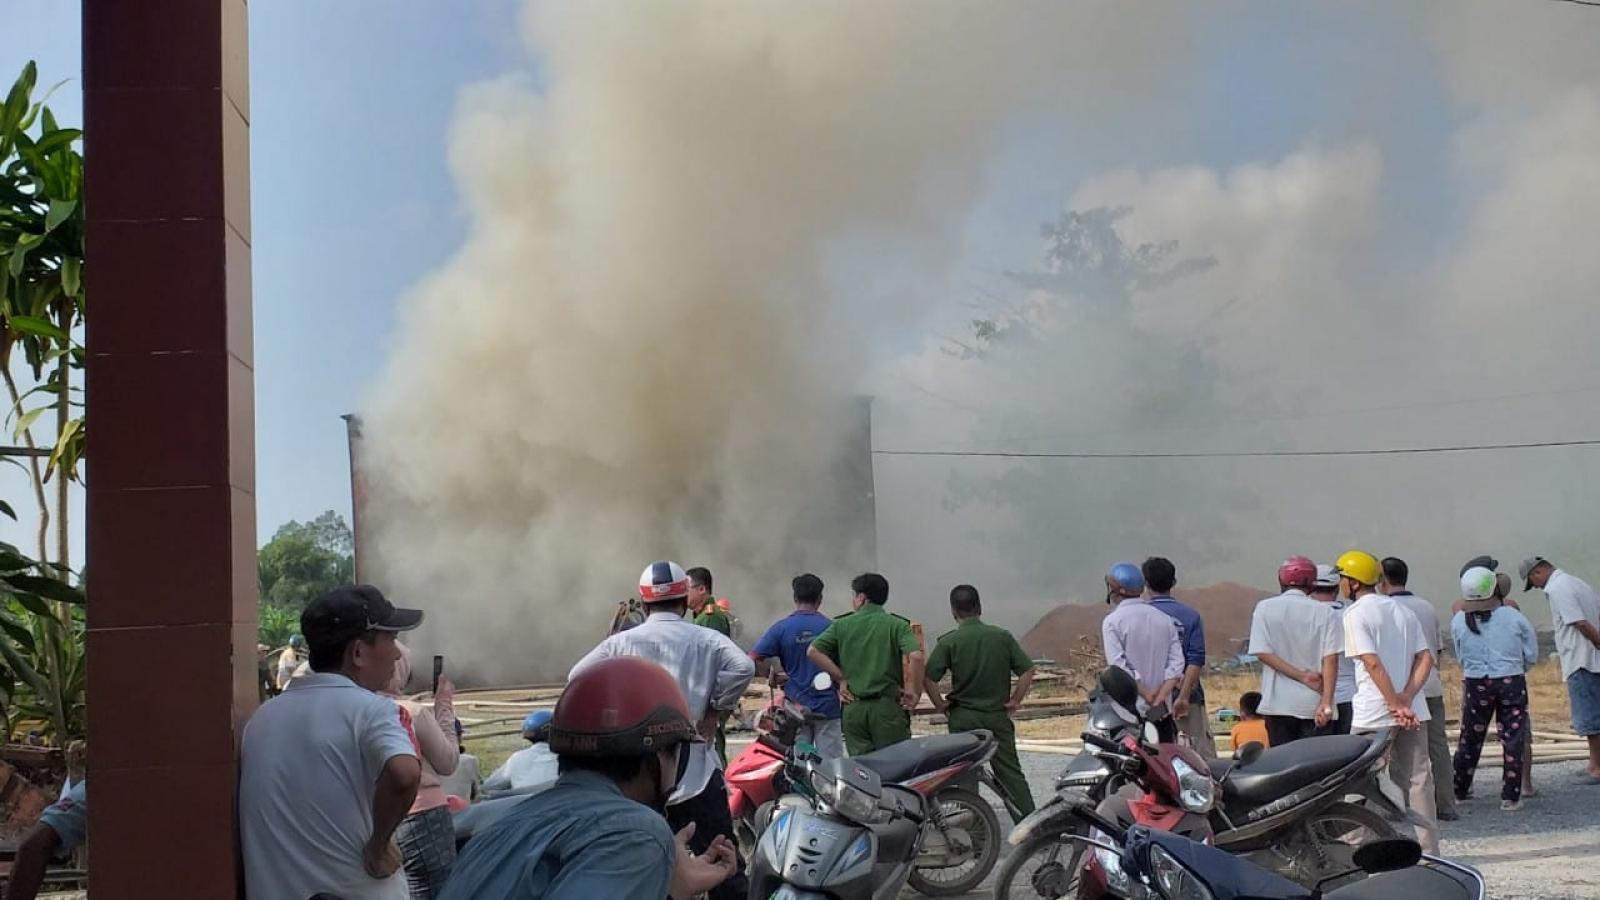 Đám cháy ở xưởng gỗ tại Tiền Giang được dập tắt sau 2 giờ